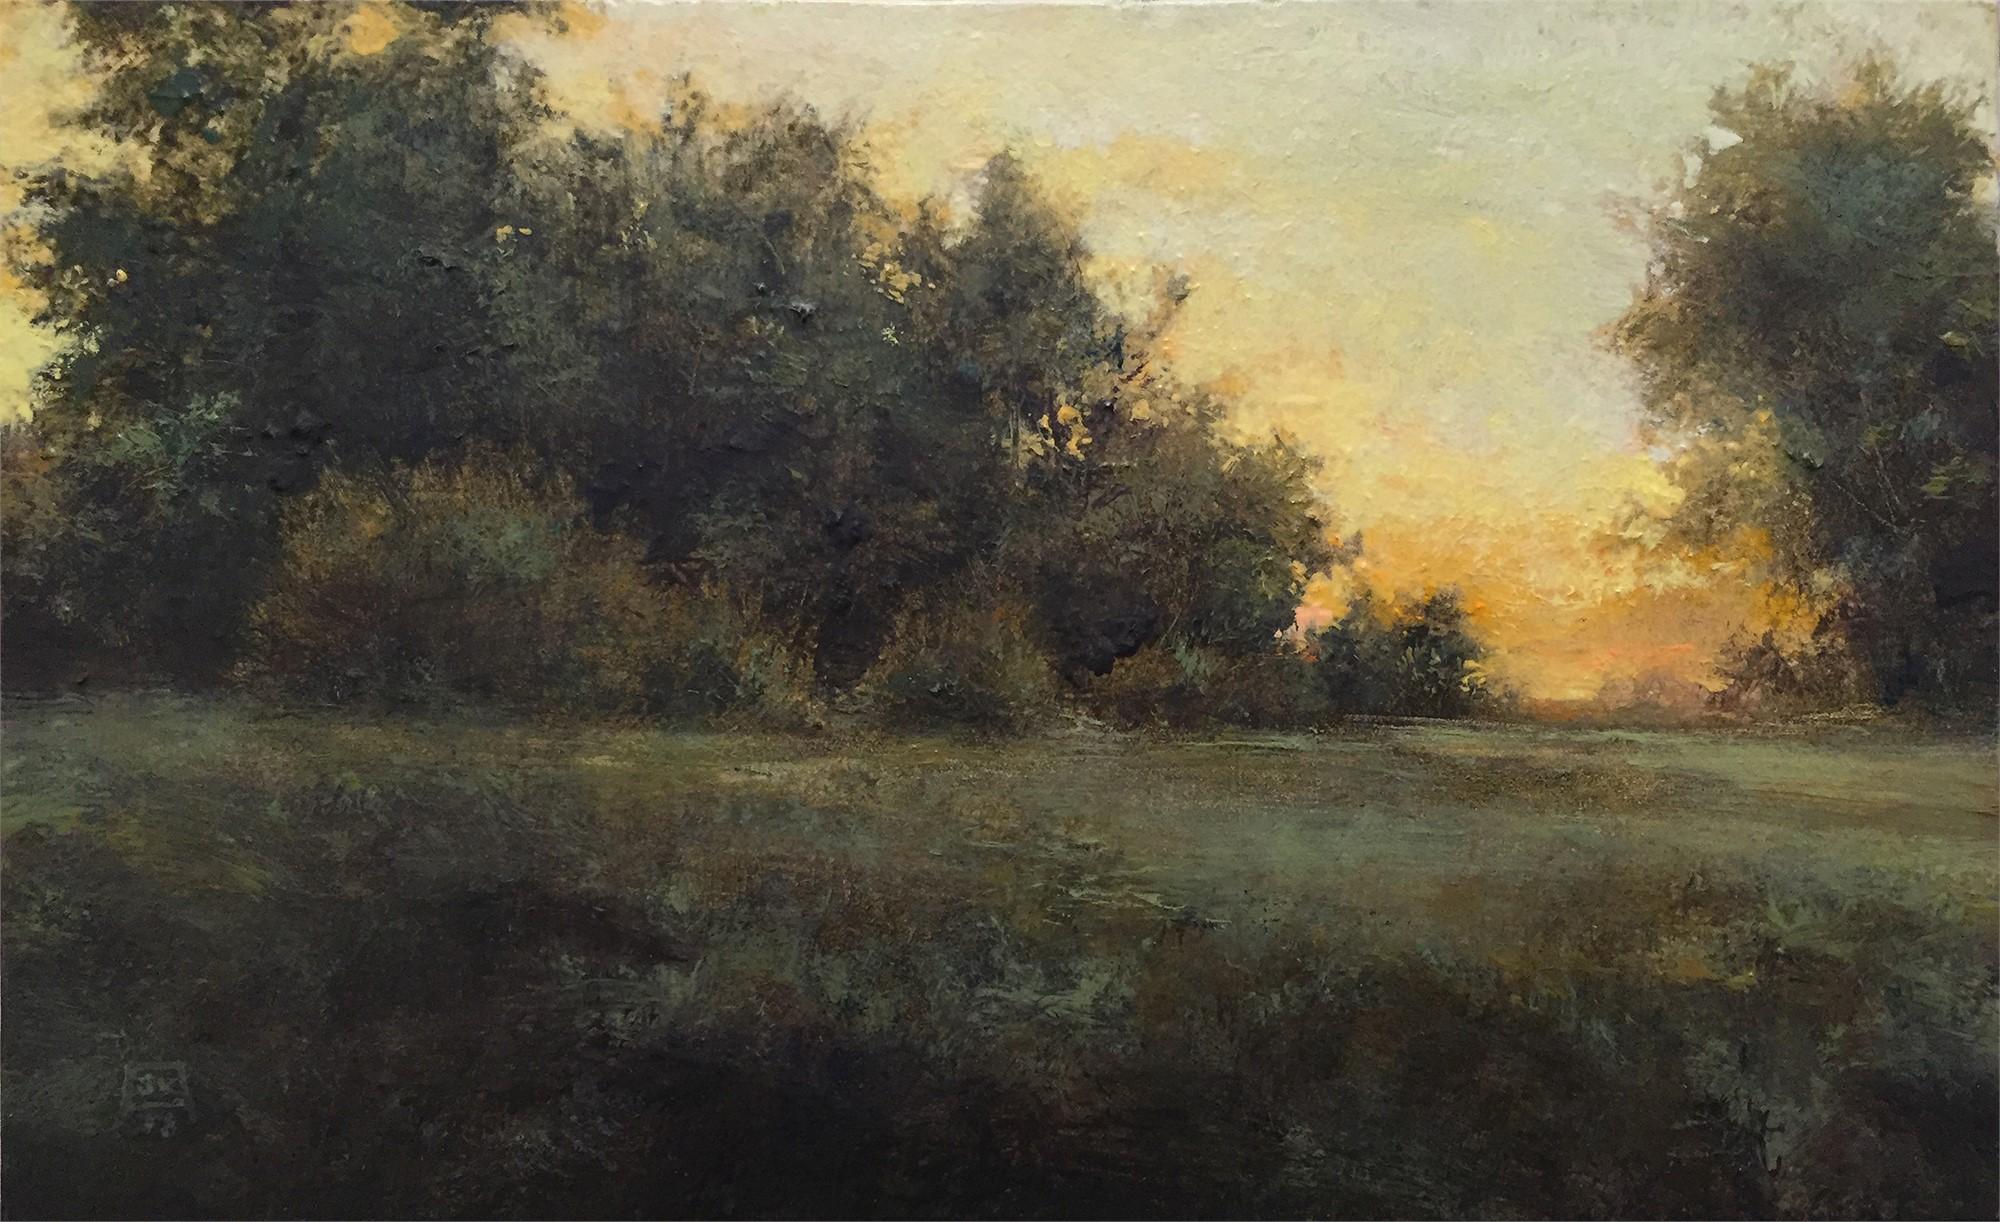 Cool Morning: Walker Ridge by Shawn Krueger